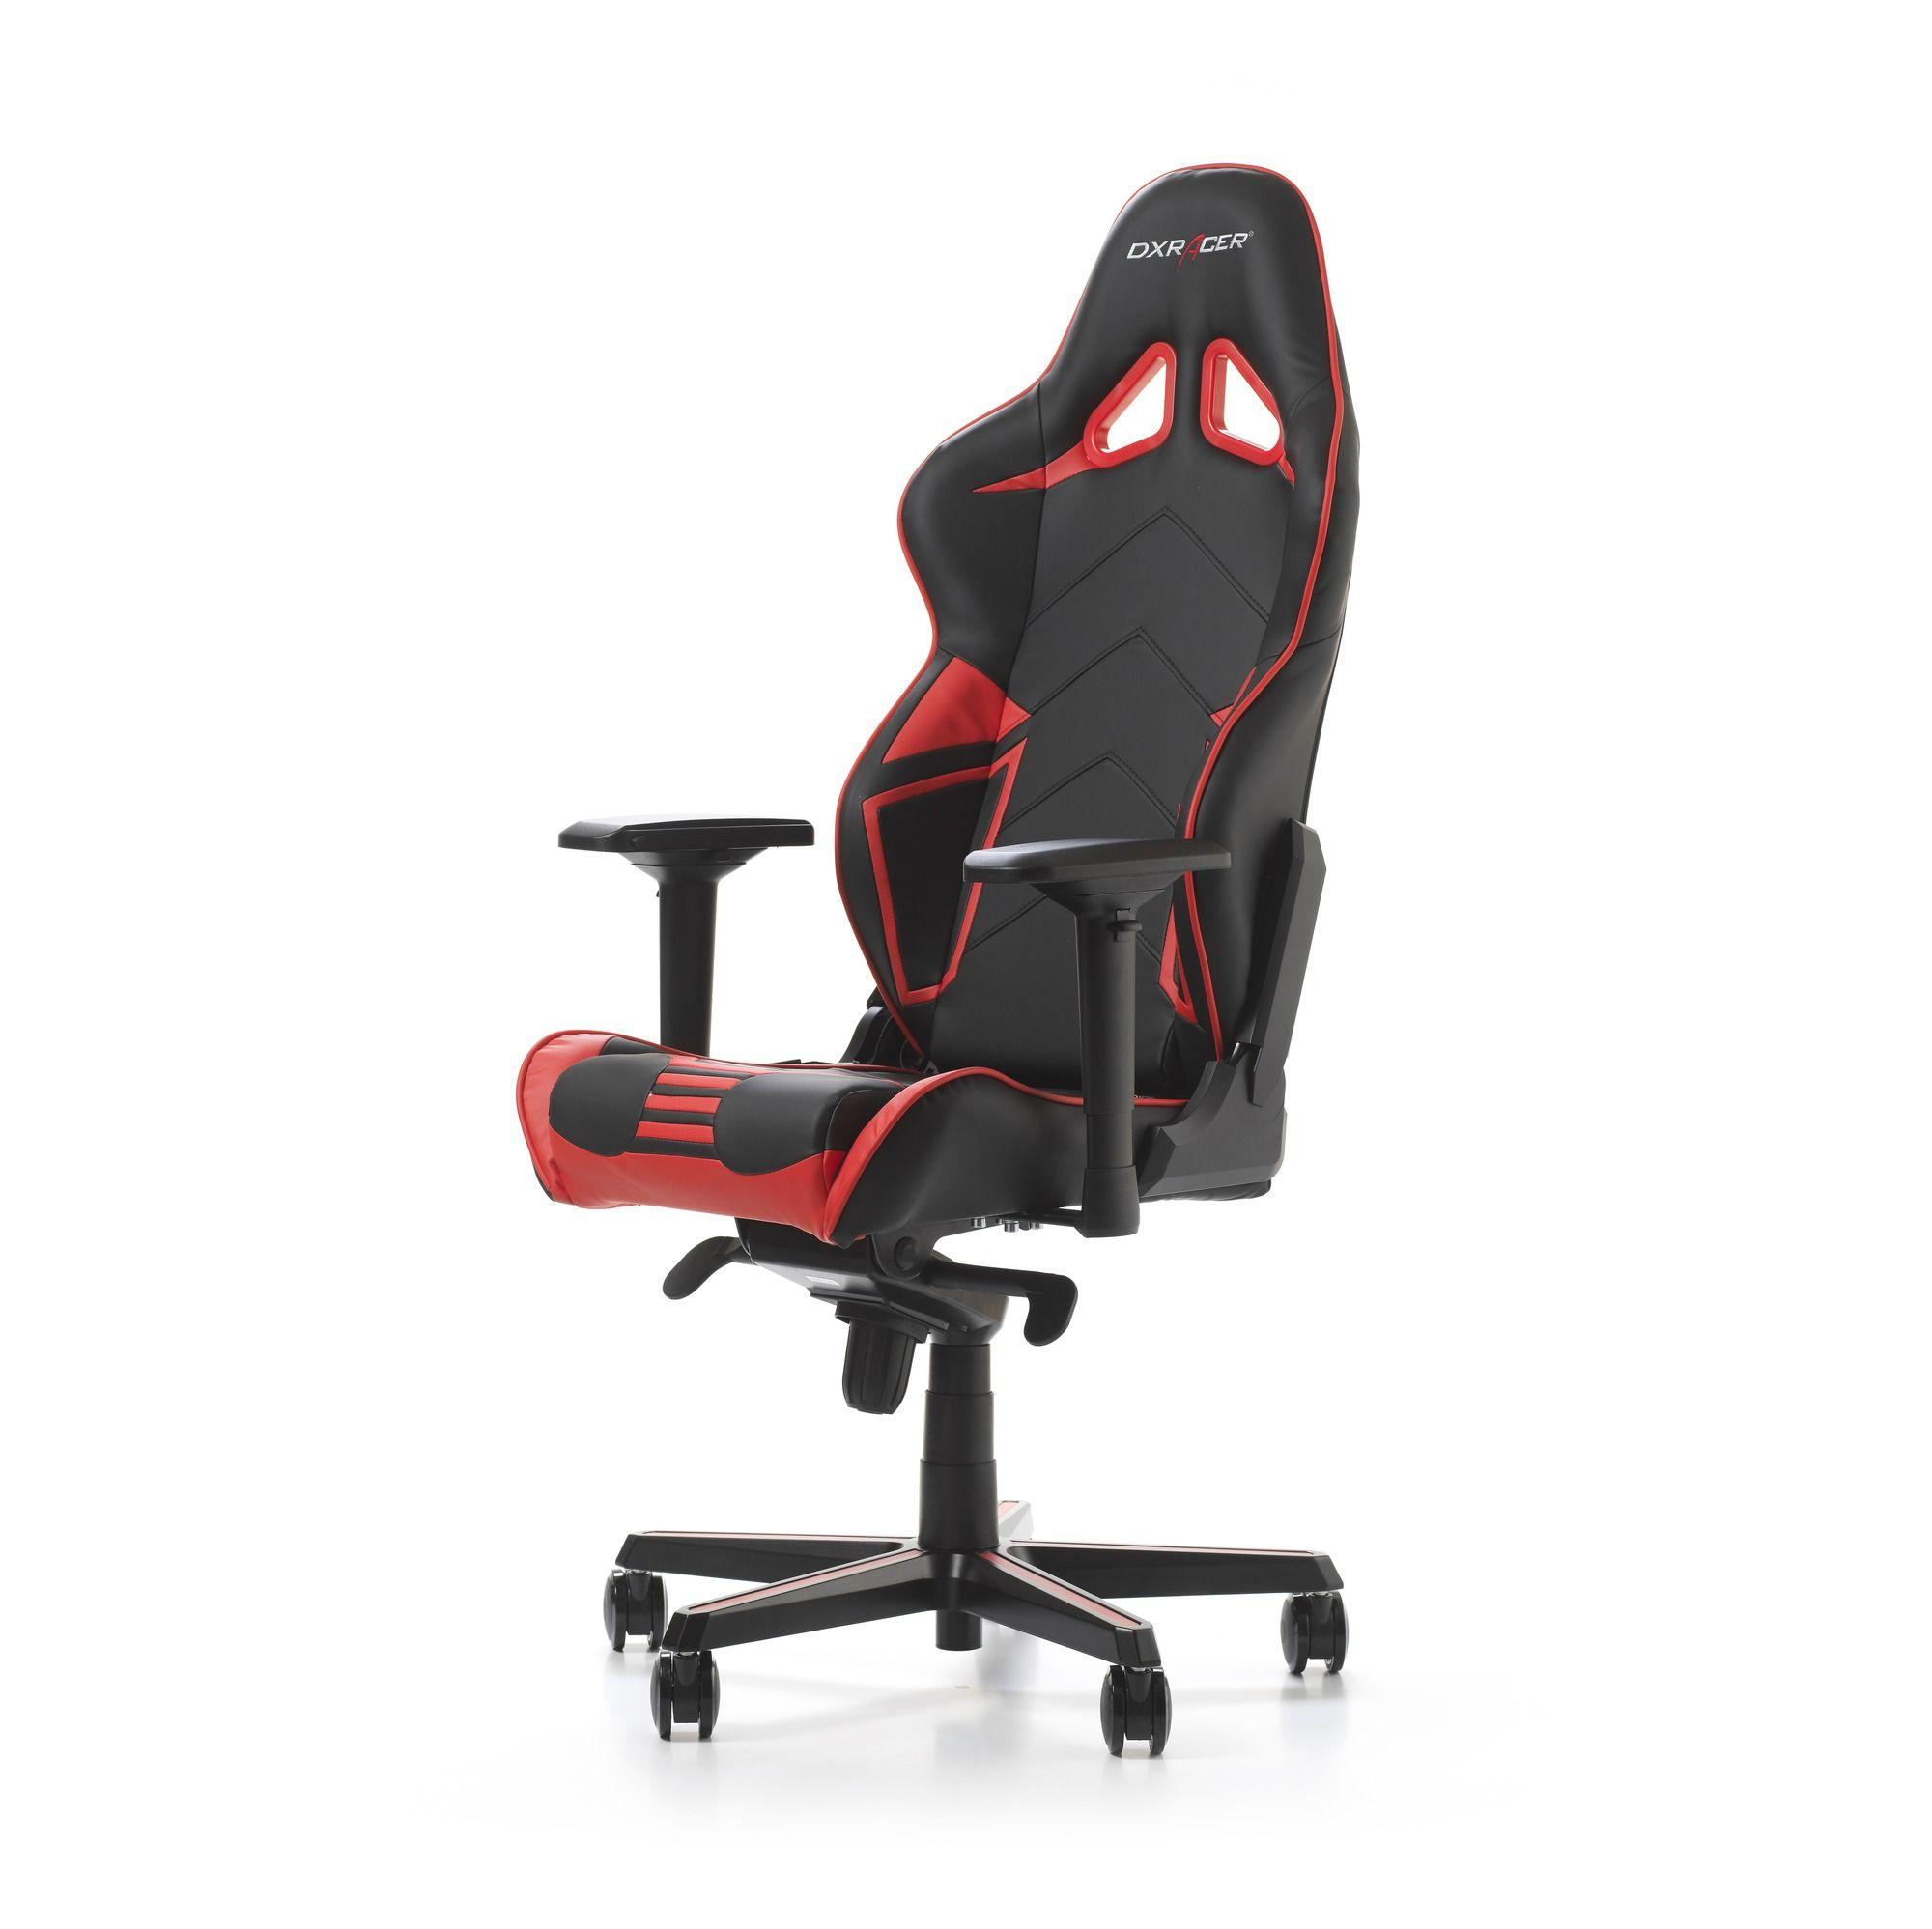 Гейминг стол DXRacer OH/RV131/NR - серия RACING V2, черен/червен - 11